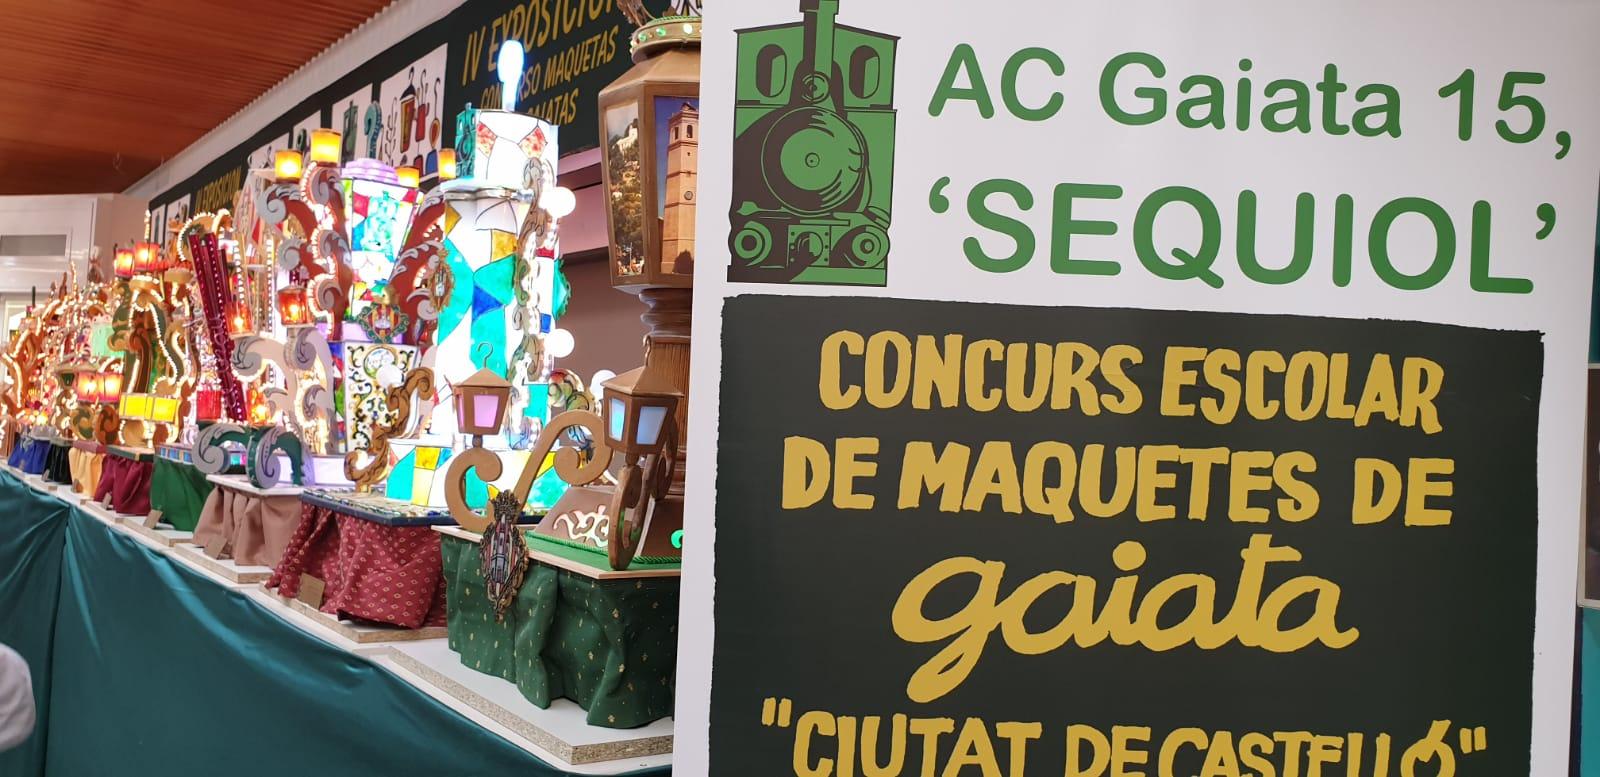 Inauguracionmaquetascarrefour-2019-06-20-21-32-08 (4)